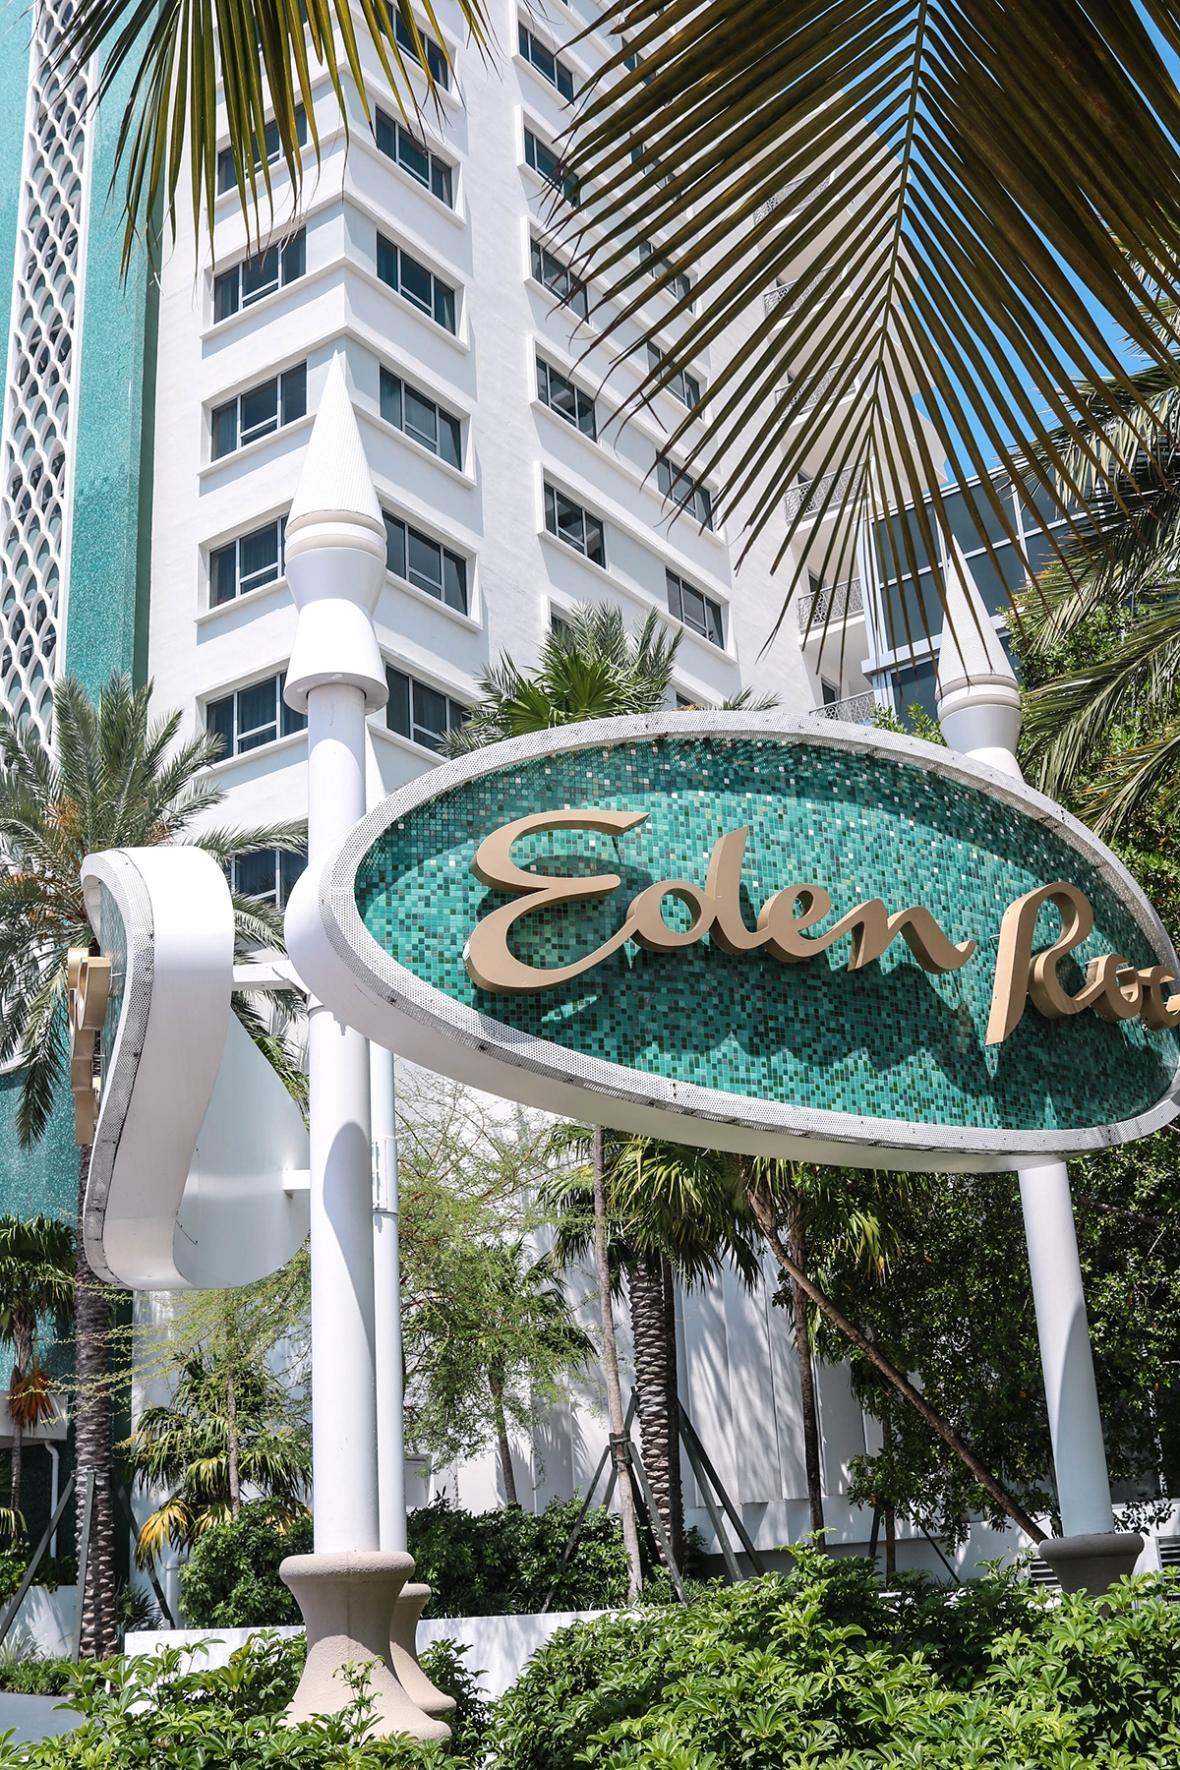 Review Nobu Eden Roc Hotel Merel van Poorten